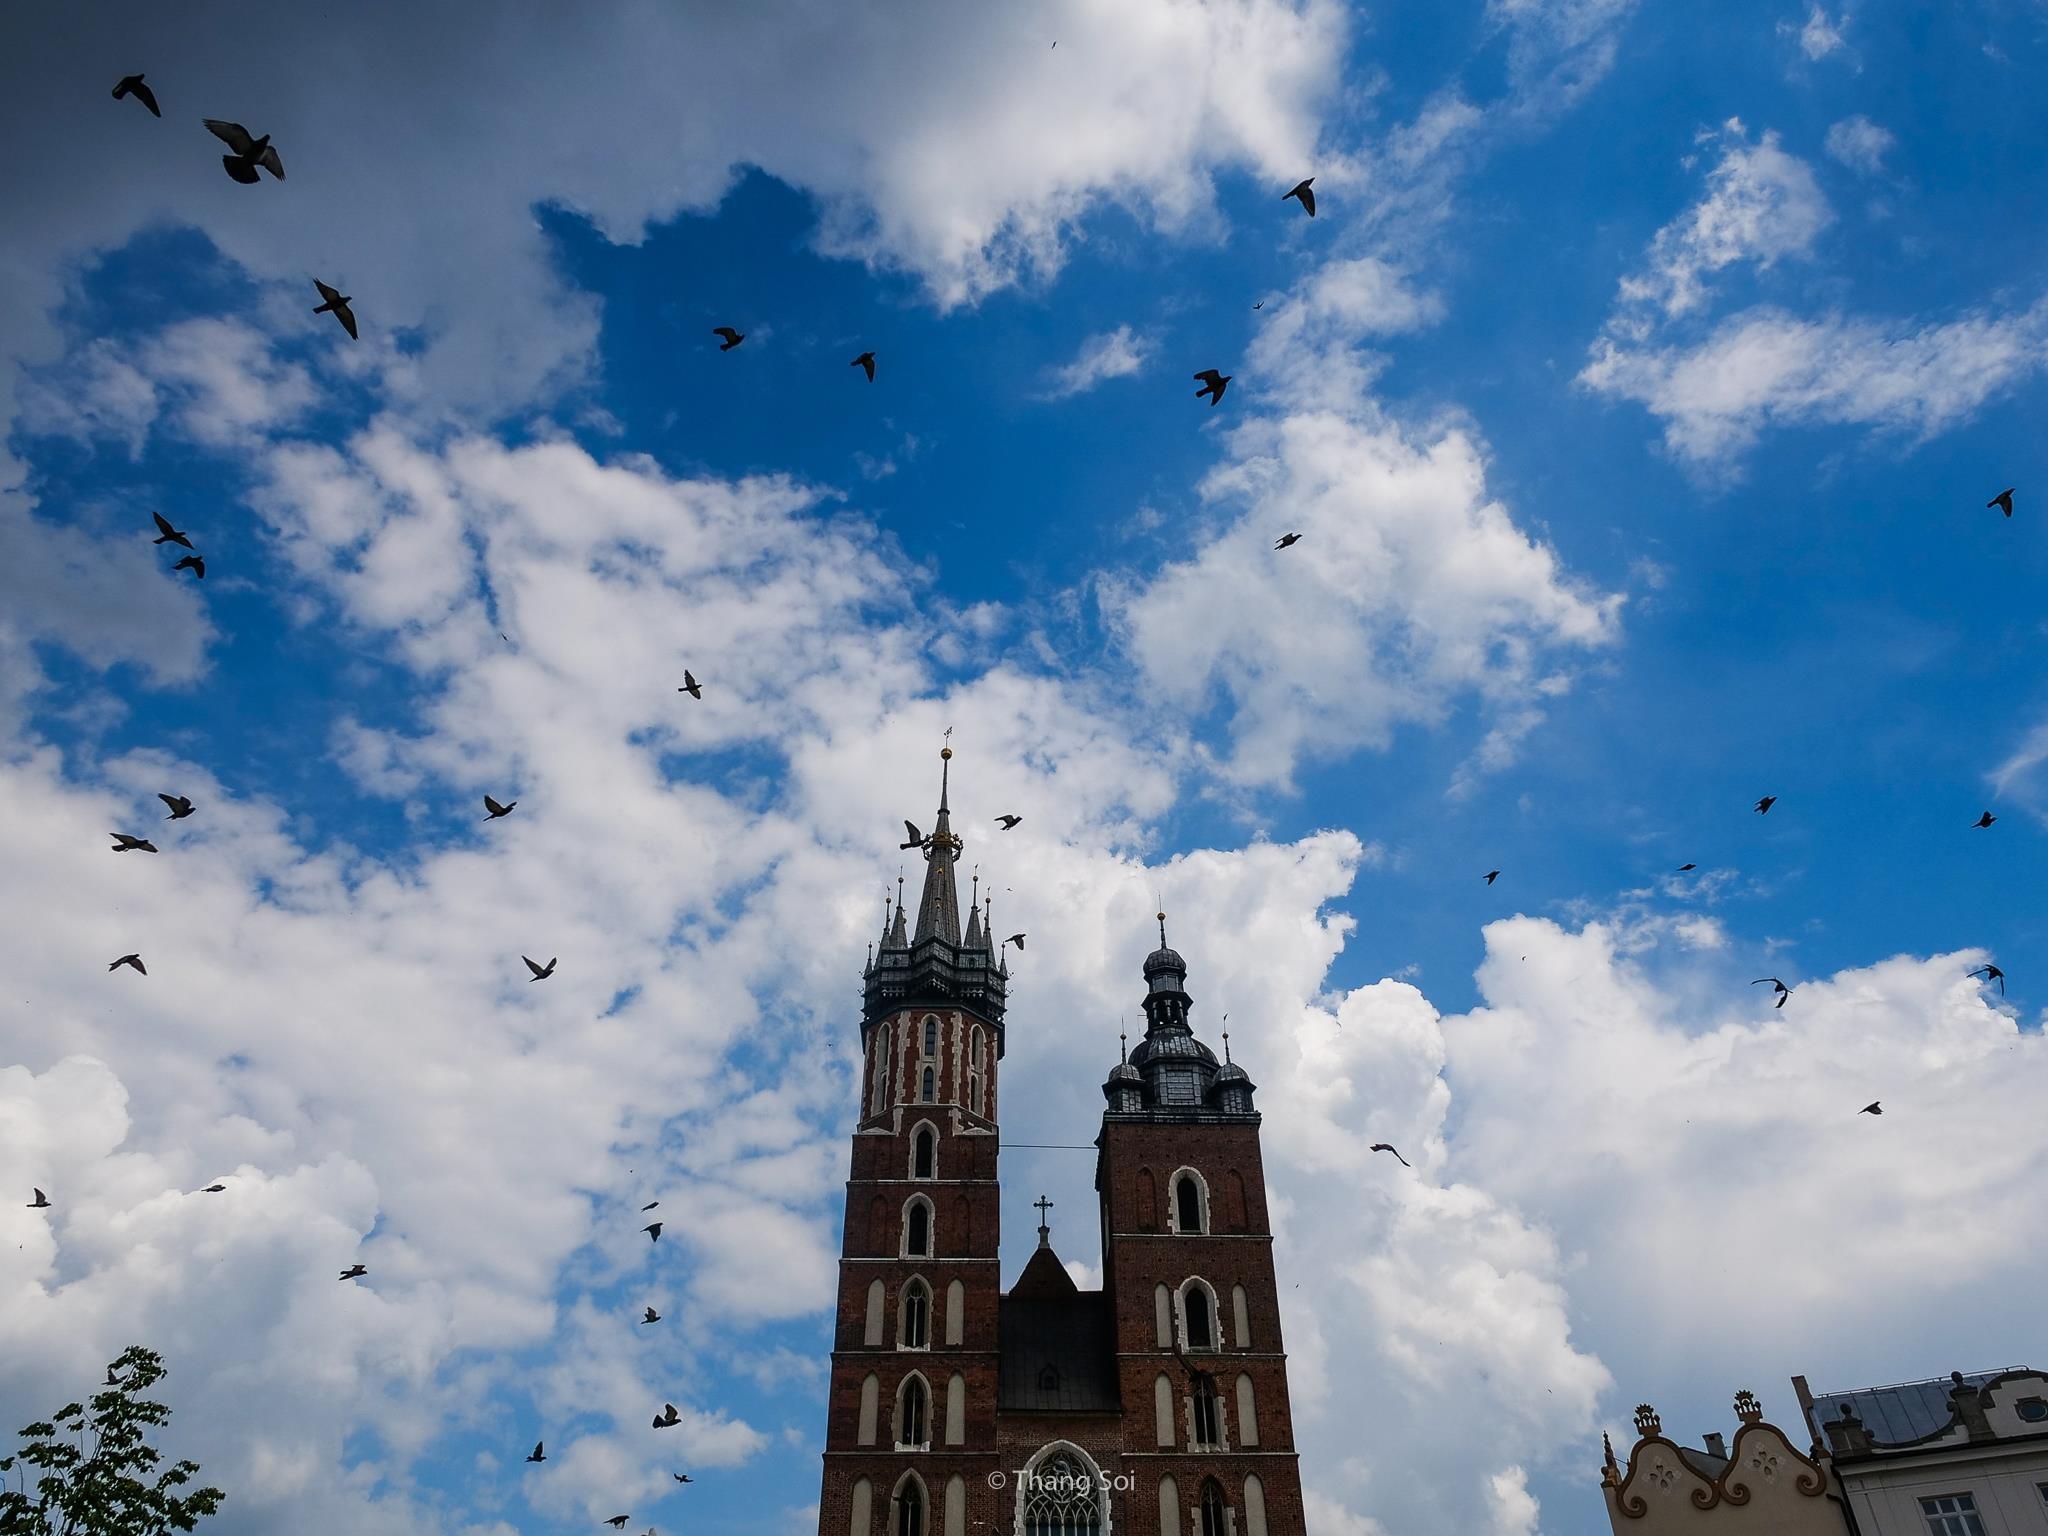 Krakow, kinh do co phai ghe tham khi den Ba Lan hinh anh 47